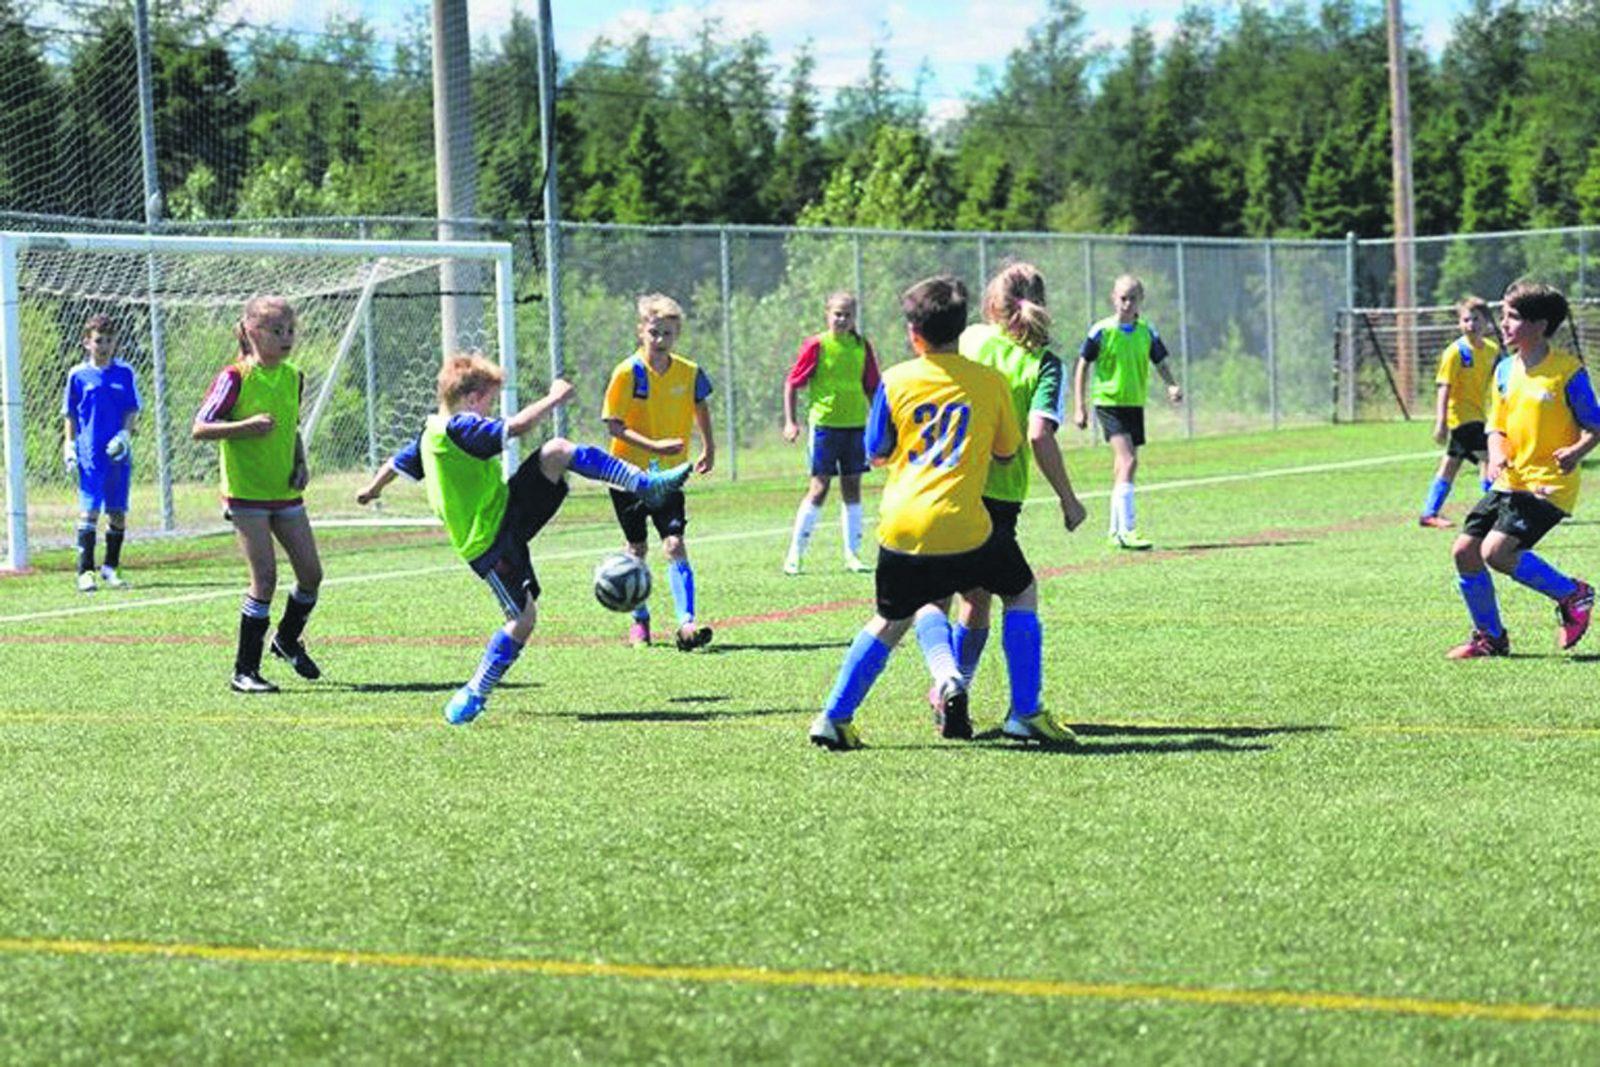 L'Association de soccer mineur débute sa saison estivale